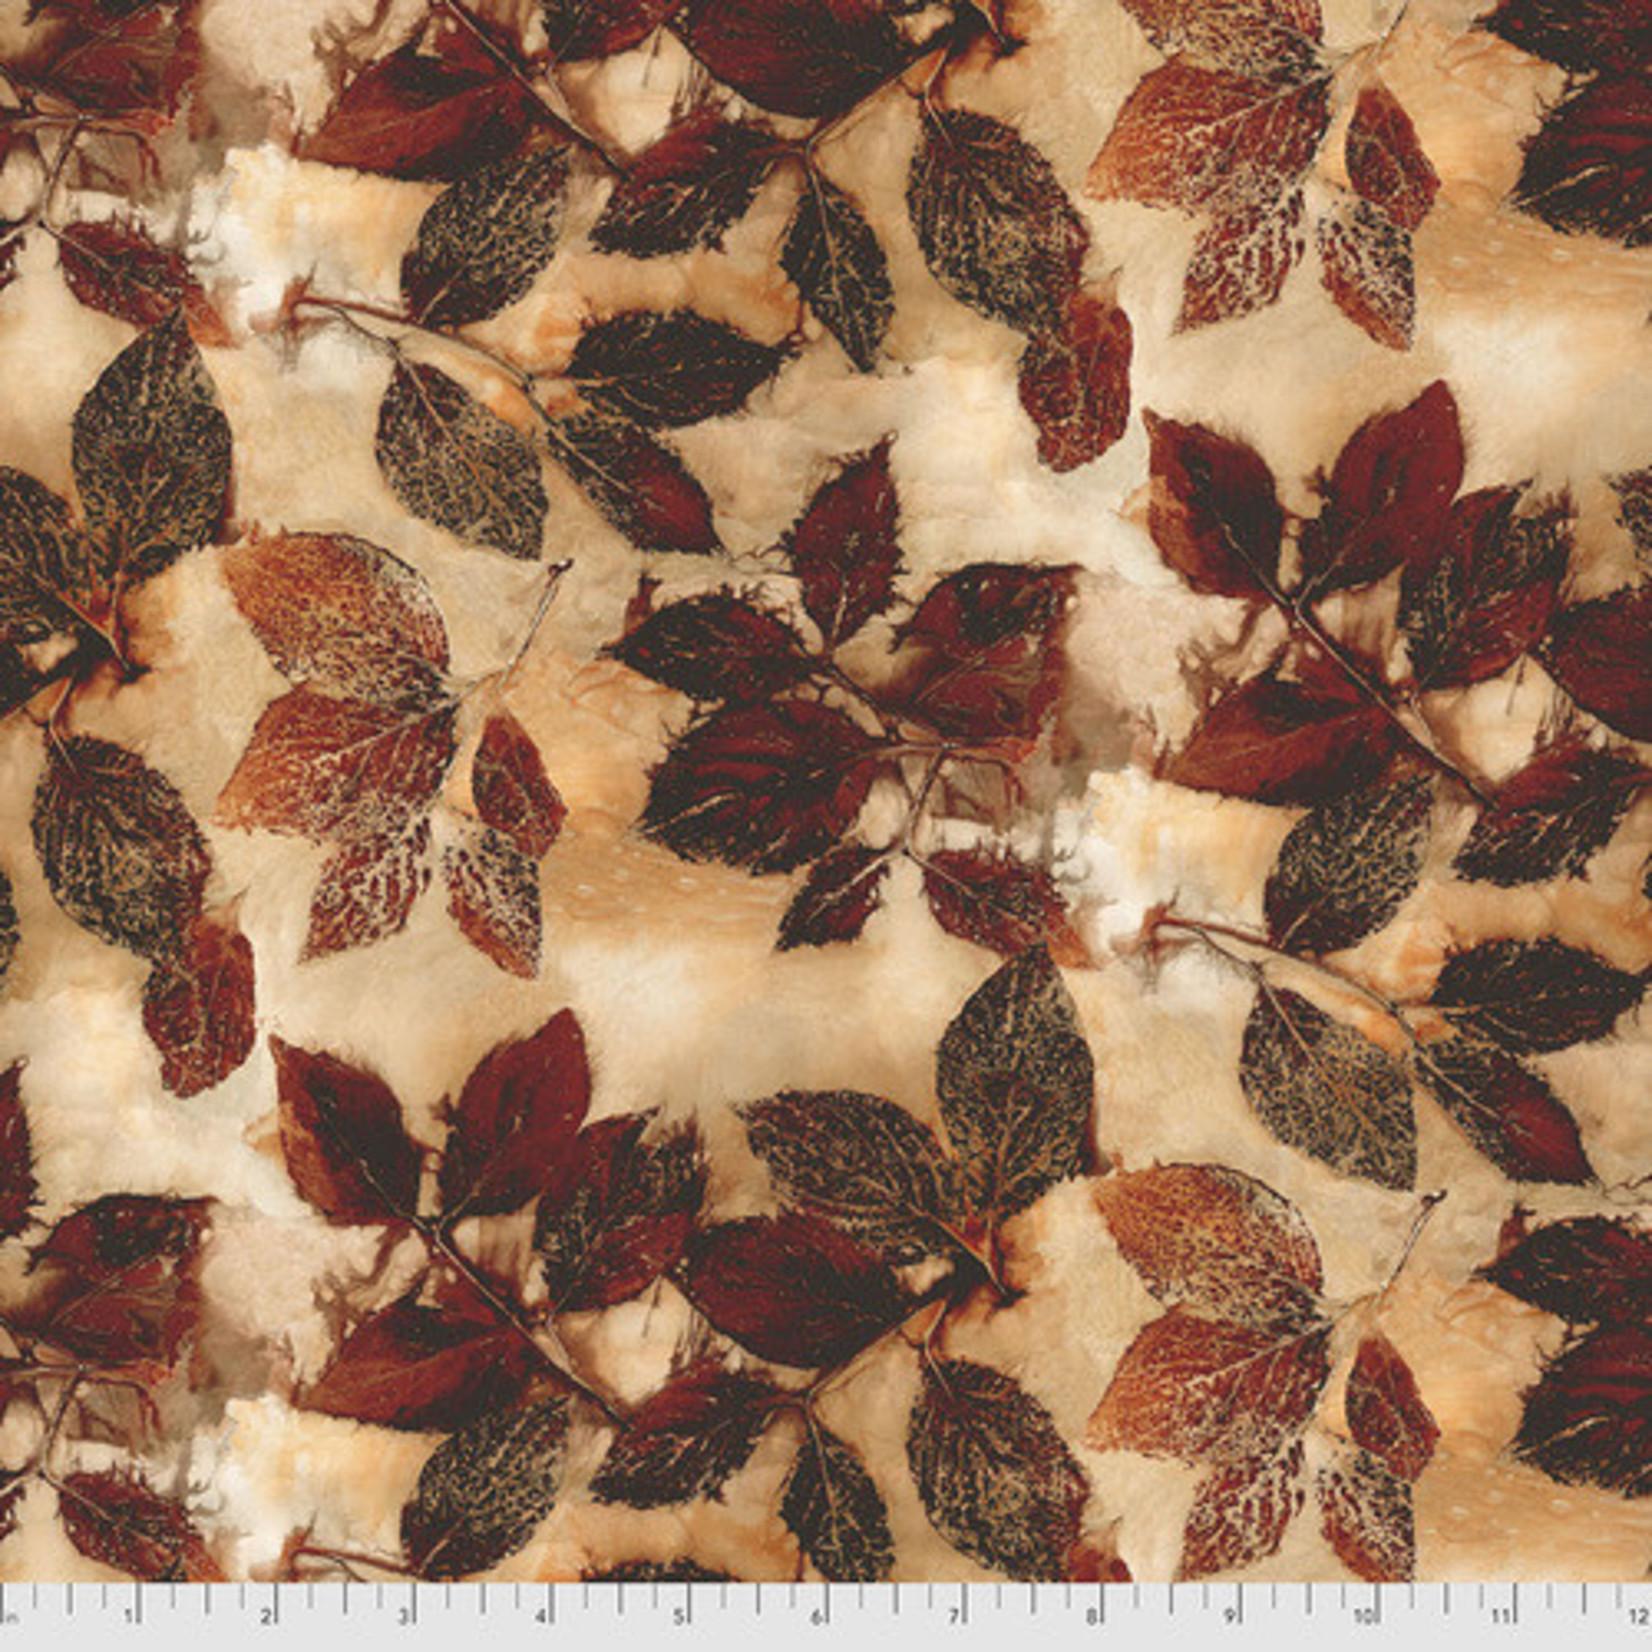 FreeSpirit Fabrics Katrinka - Redtwig Dogwood - Mahogany